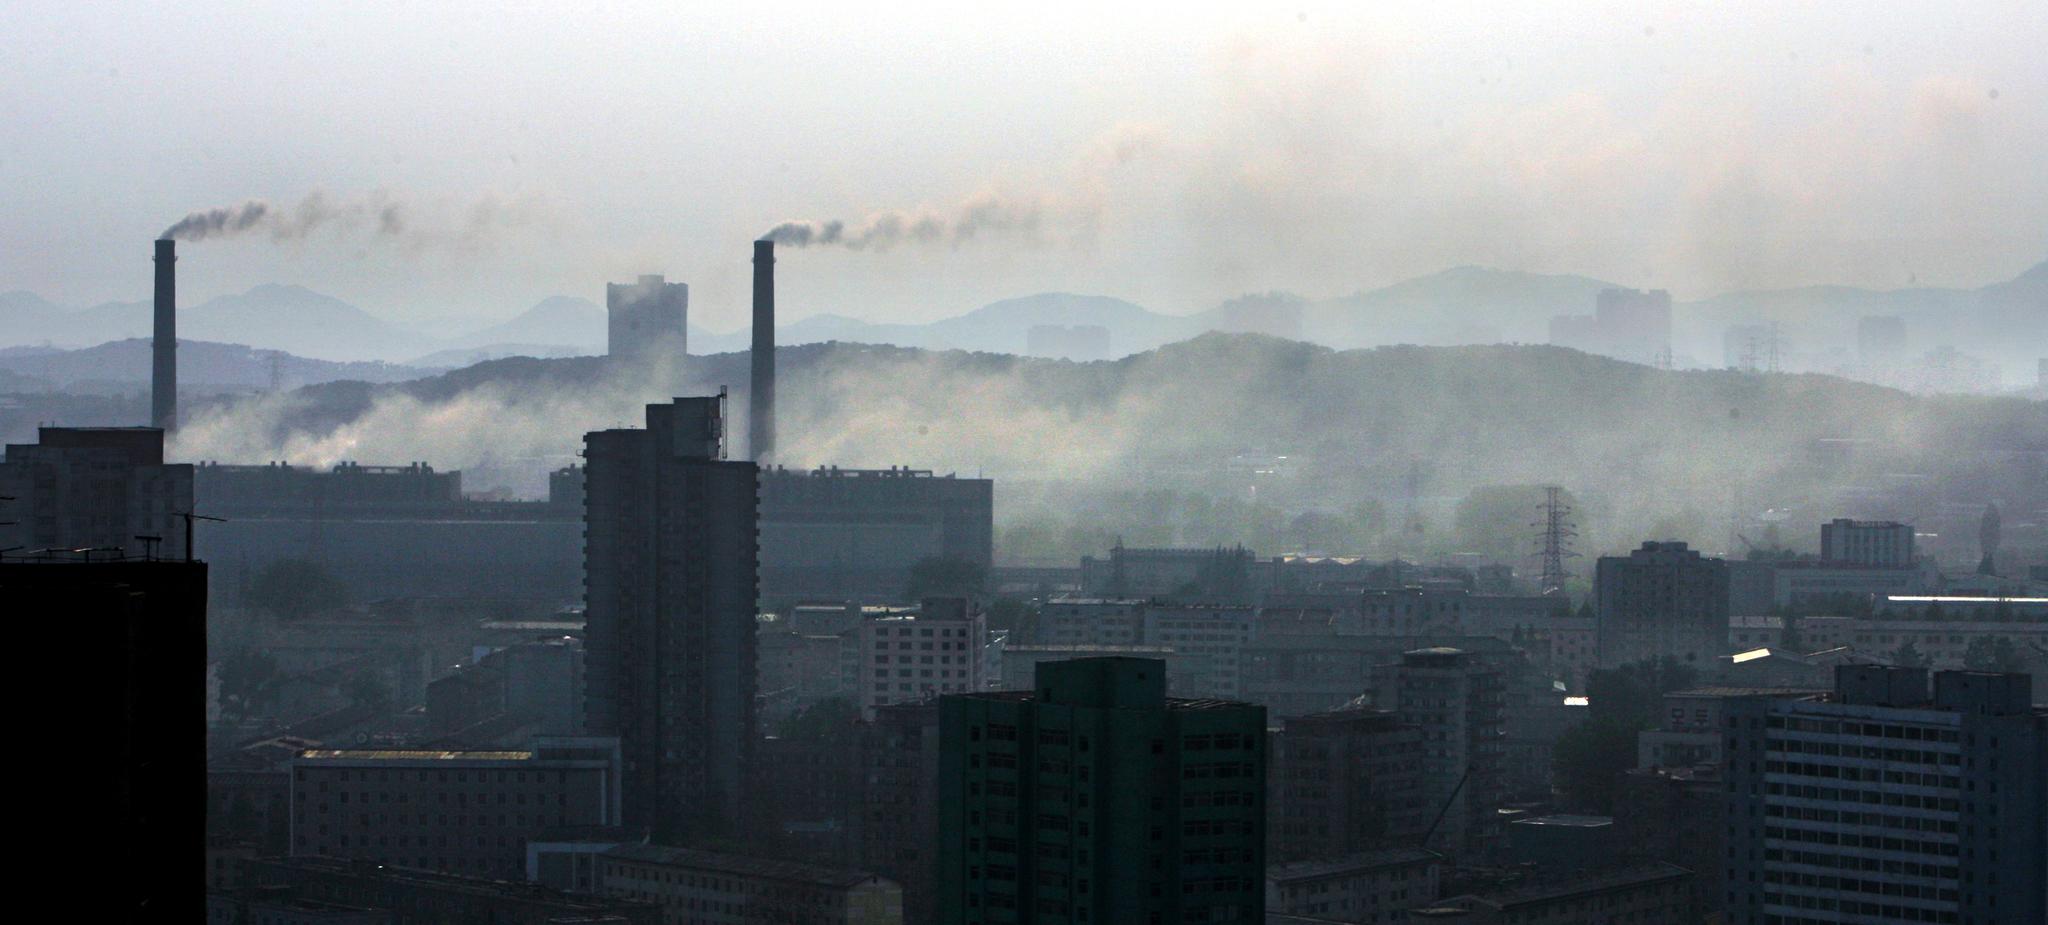 북한 평양시 평천구역에 있는 평양화력발전소 굴뚝에서 연기가 나고 있다. 석탄을 주 연료로 때는 이 발전소 연기는 평양 대기오염의 주된 원인이다. 이 발전소는 1965년 옛 소련의 지원으로 건설됐다. [중앙포토]